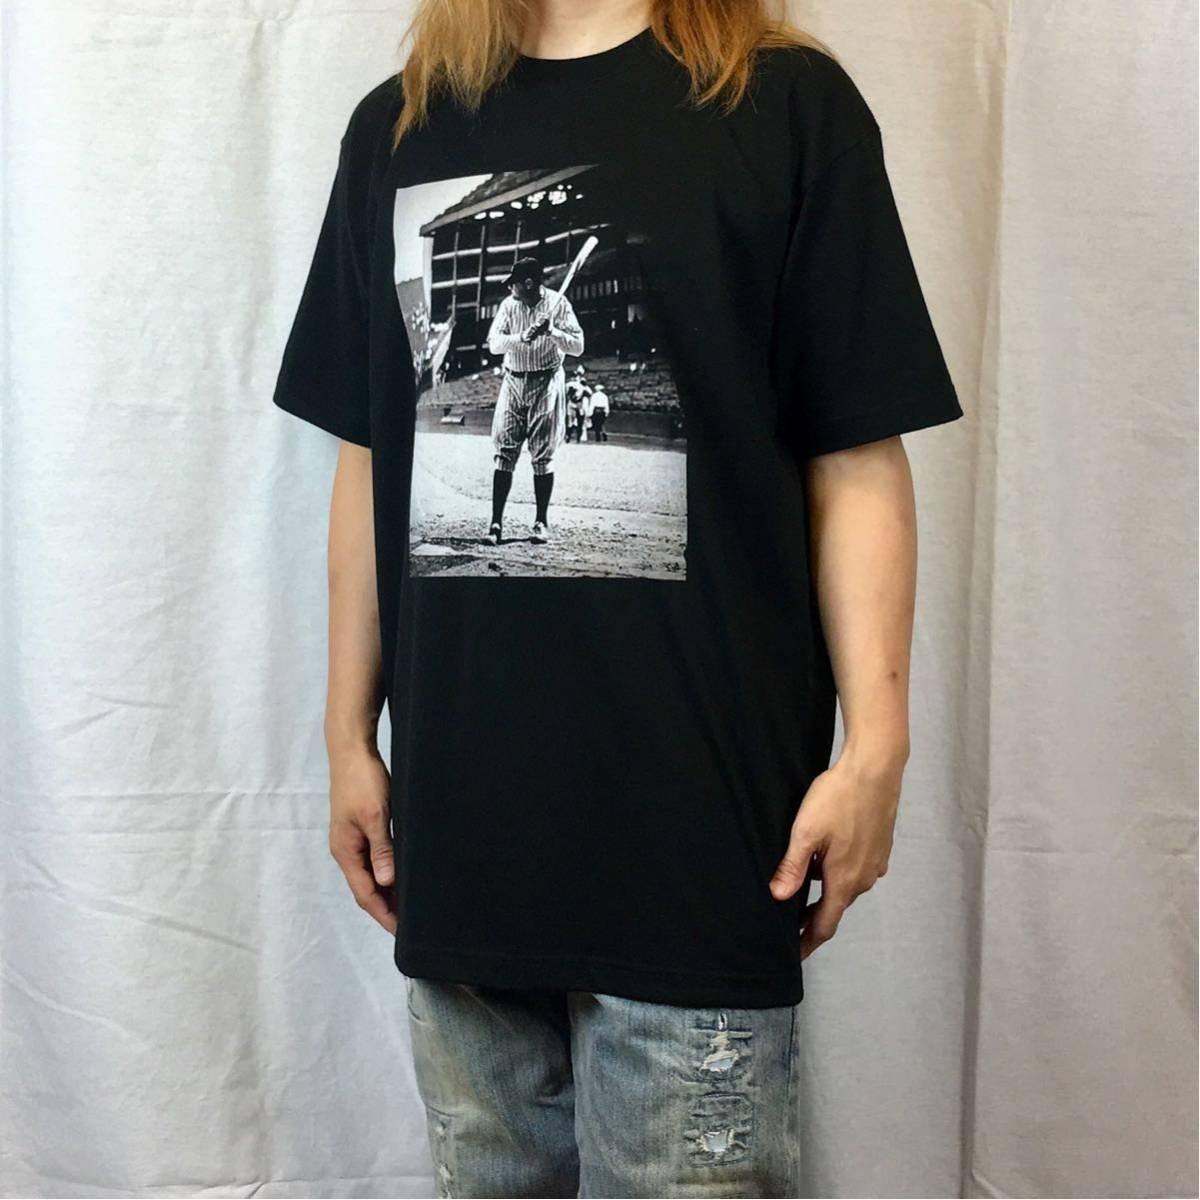 新品 大きい サイズ 専門 XXL~5XL ベーブルース ニューヨーク NY ヤンキース オーバー シルエット ビッグ 黒 Tシャツ ロンT 長袖 対応 OK_画像3